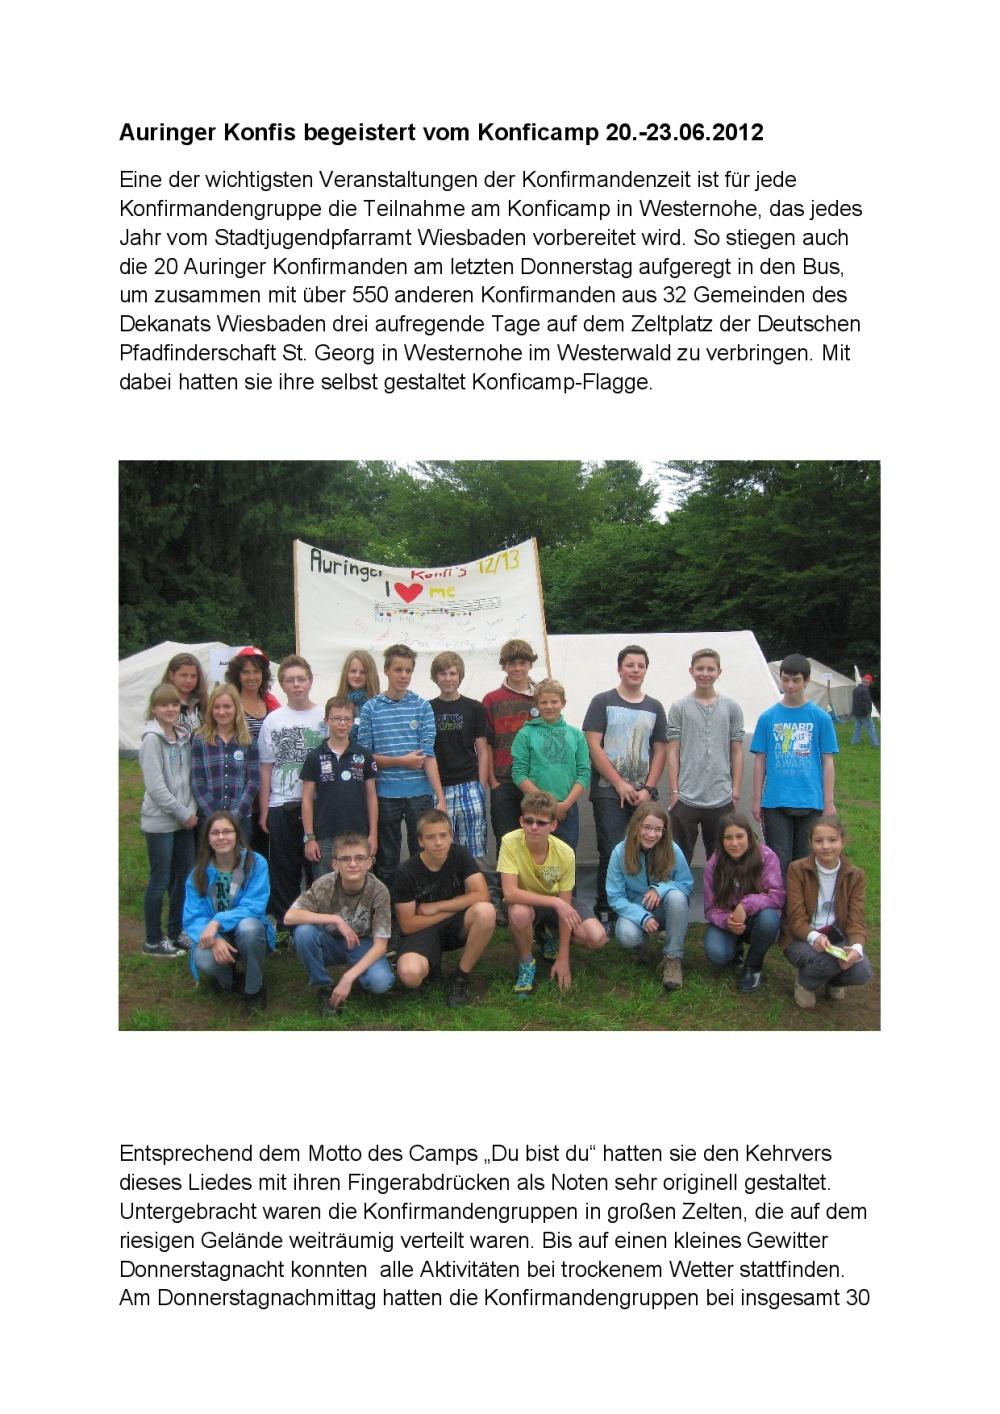 24-Konficamp 20.06.-23.06.2012-001